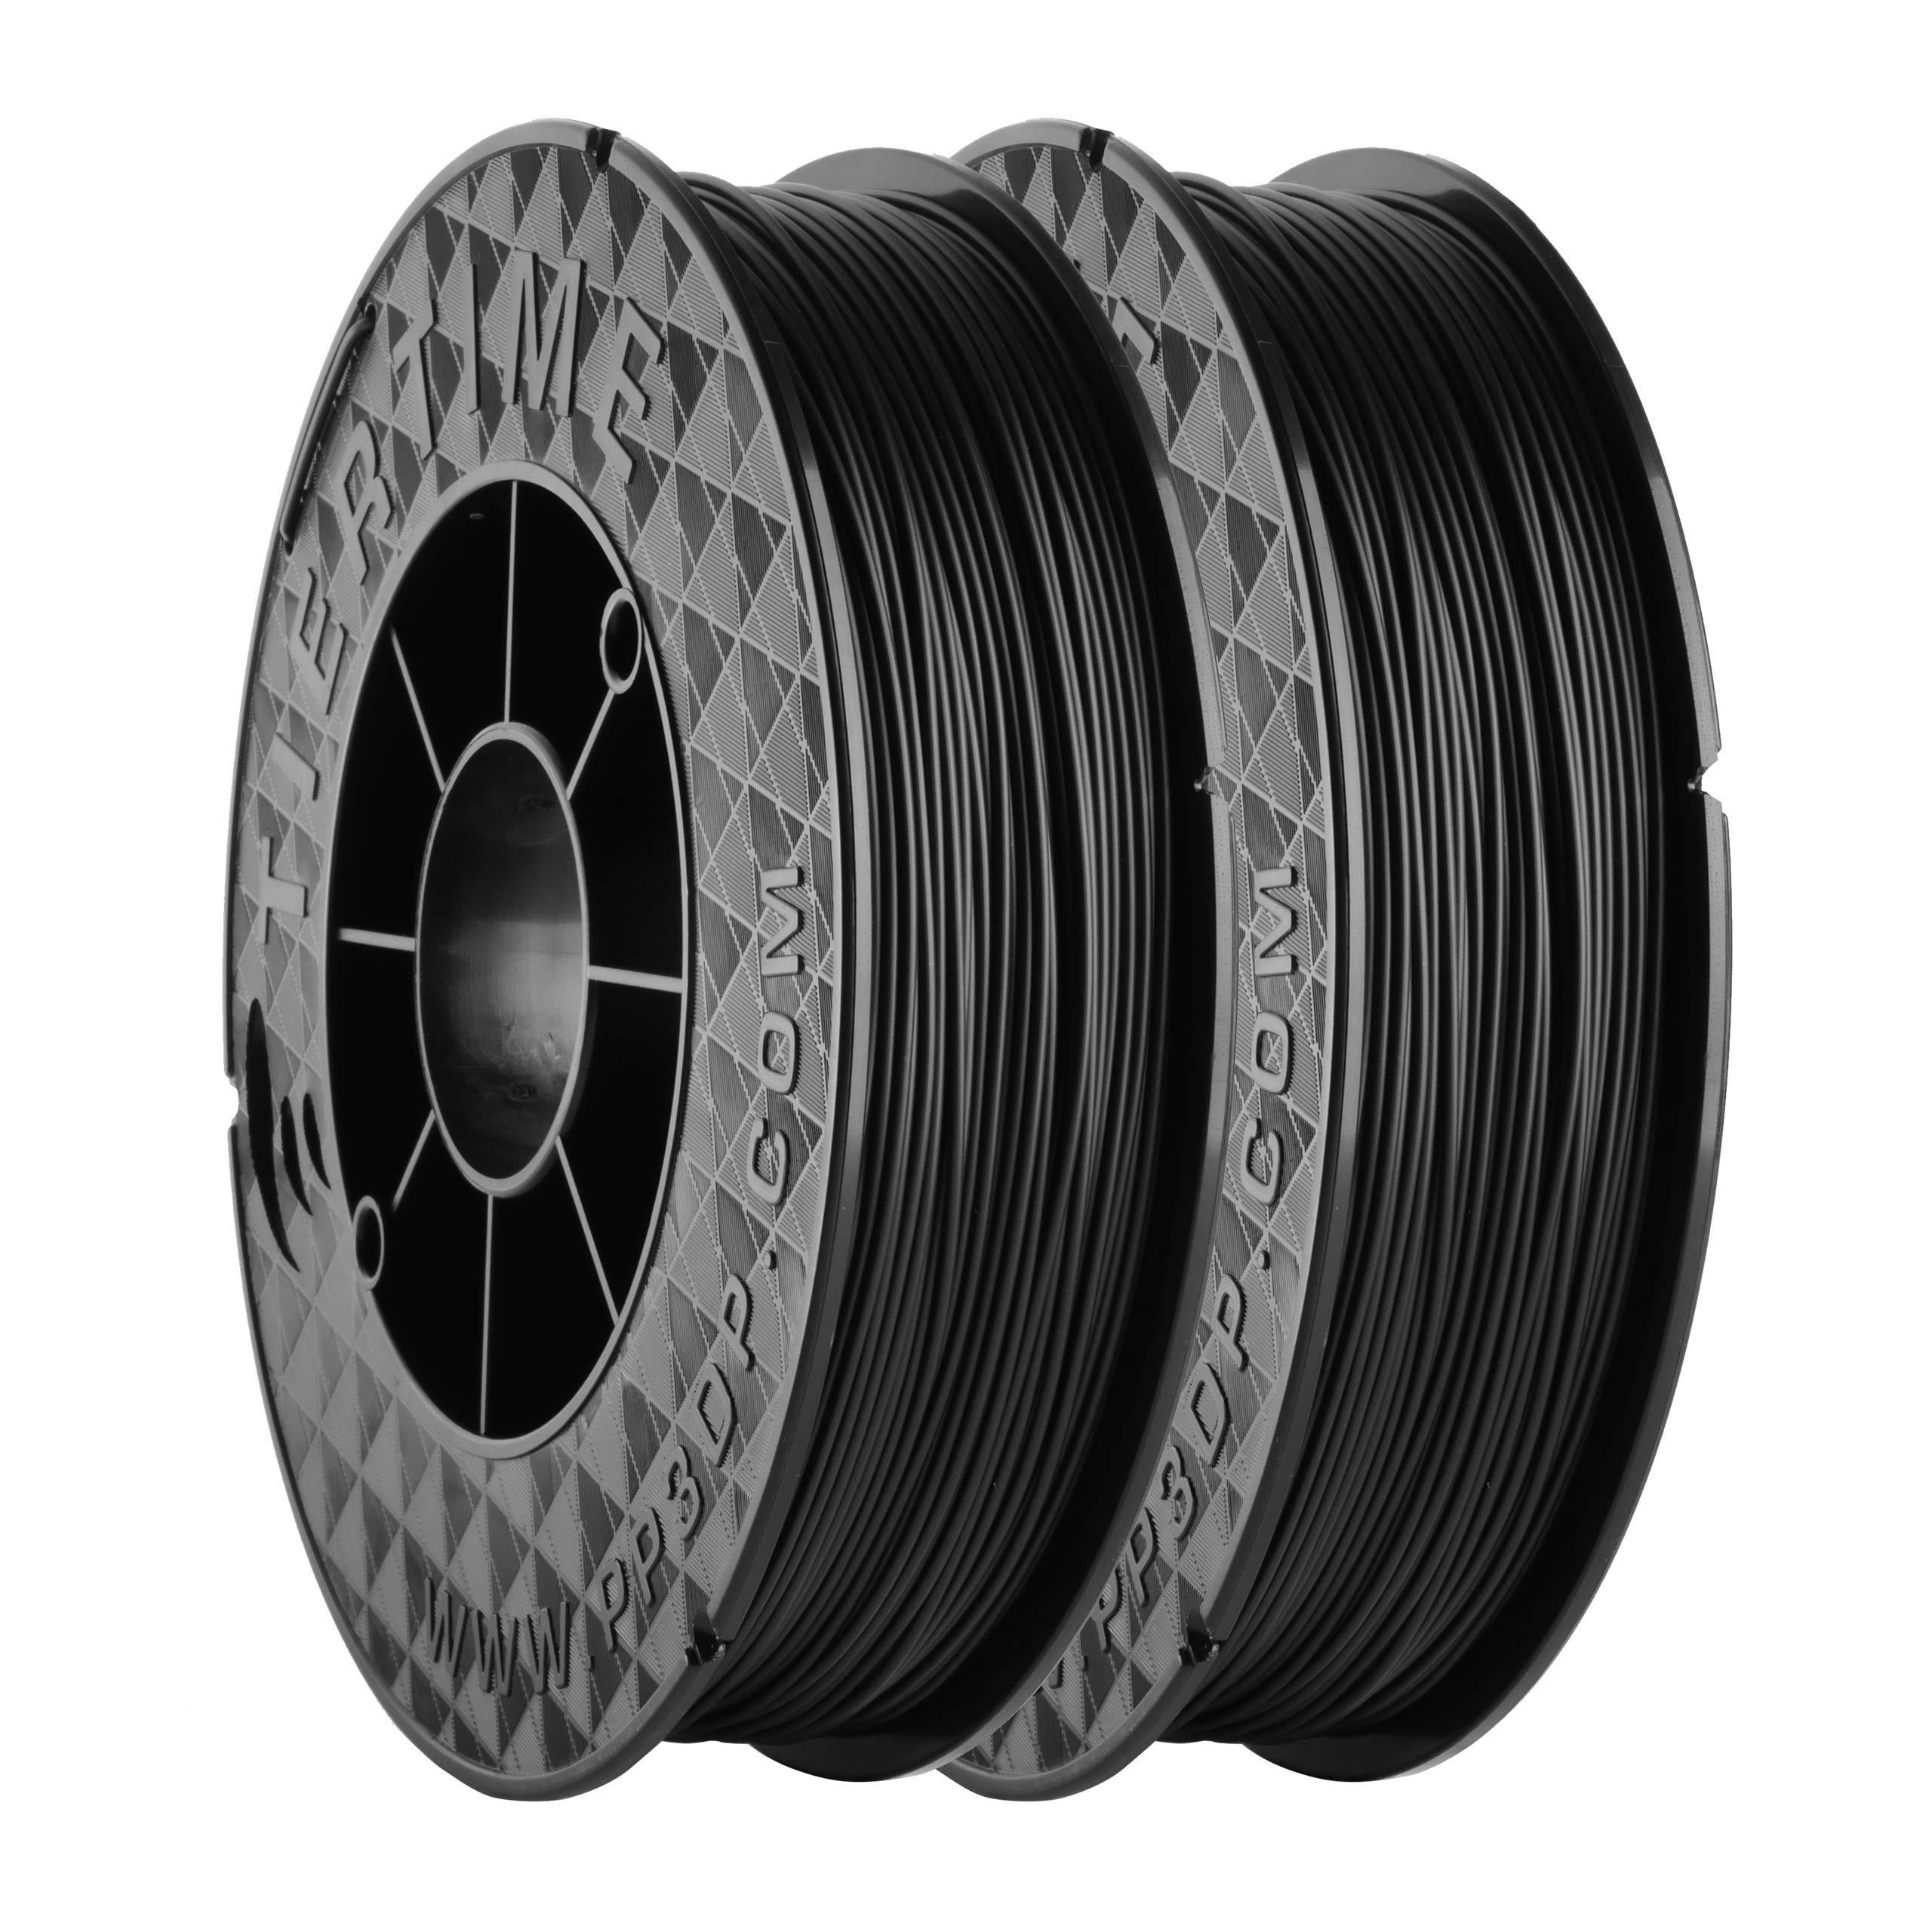 Filamento PLA 1.75mm 1kg COLOR FOTO-1 IMP 3D [17N7CWVC]